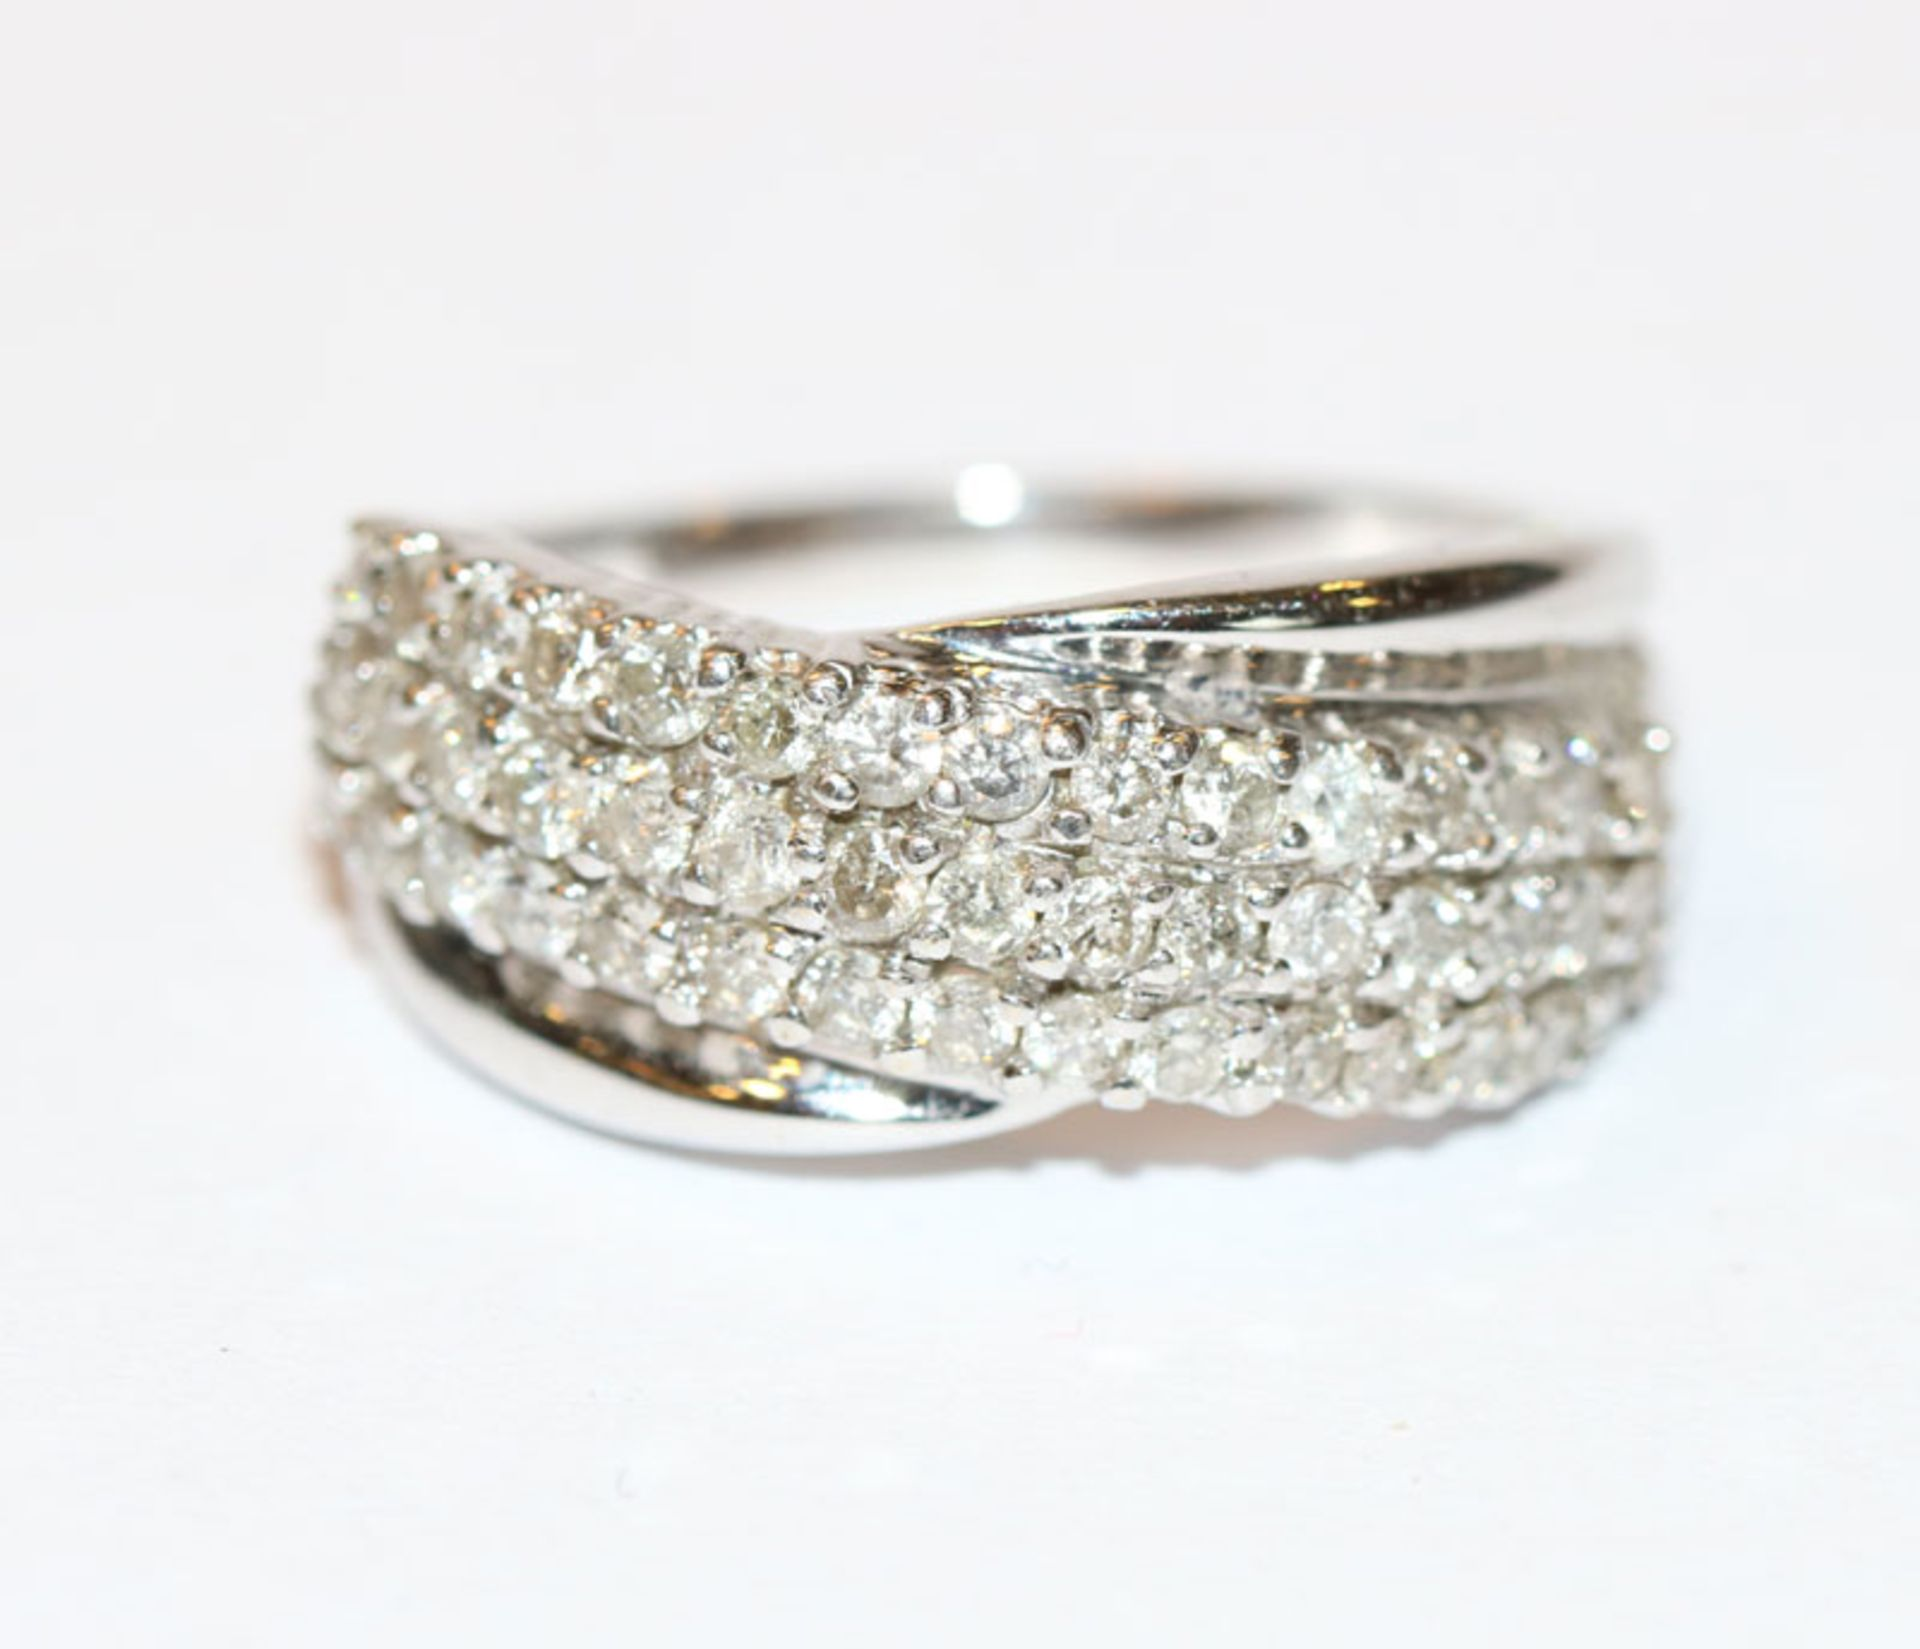 14 k Weißgold Ring mit Diamanten, zus. ca. 1 ct., Gr. 54, klassische Handarbeit